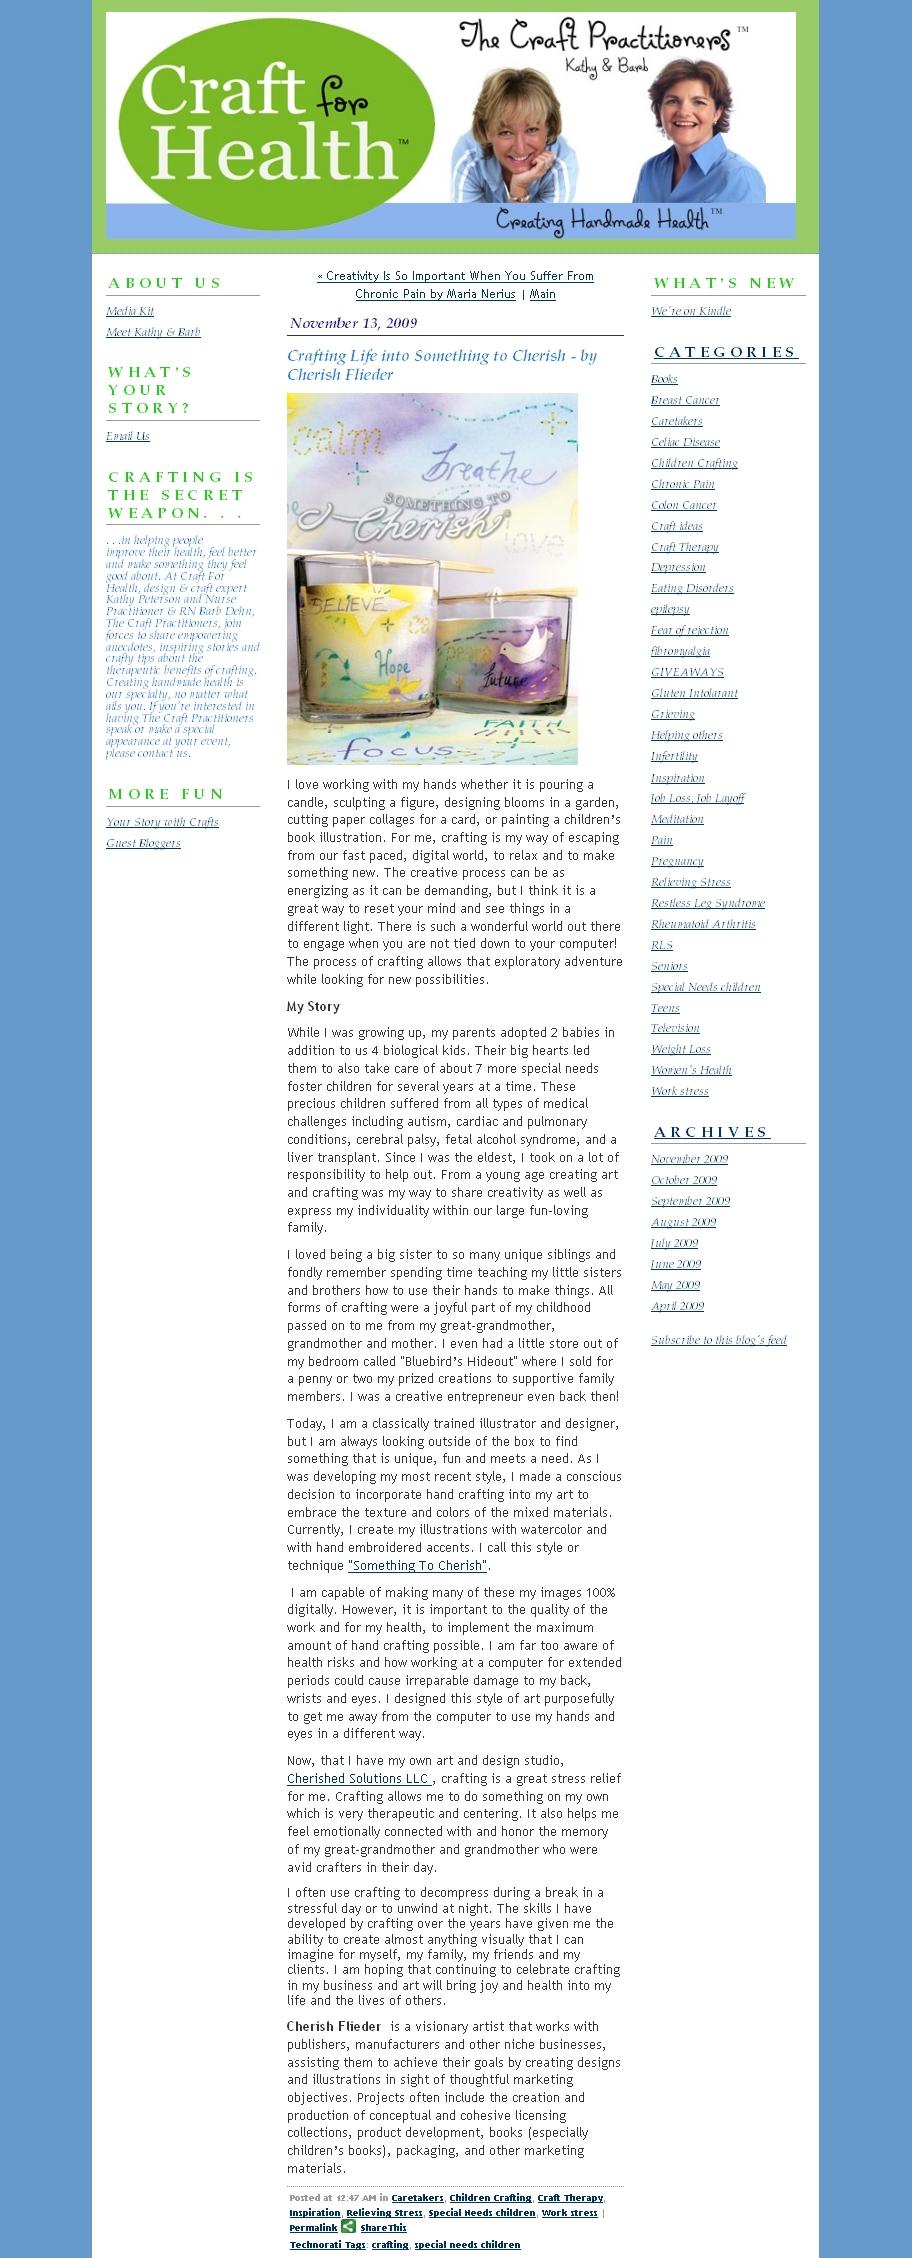 Craft for Health - Cherish Flieder - Art Licensing